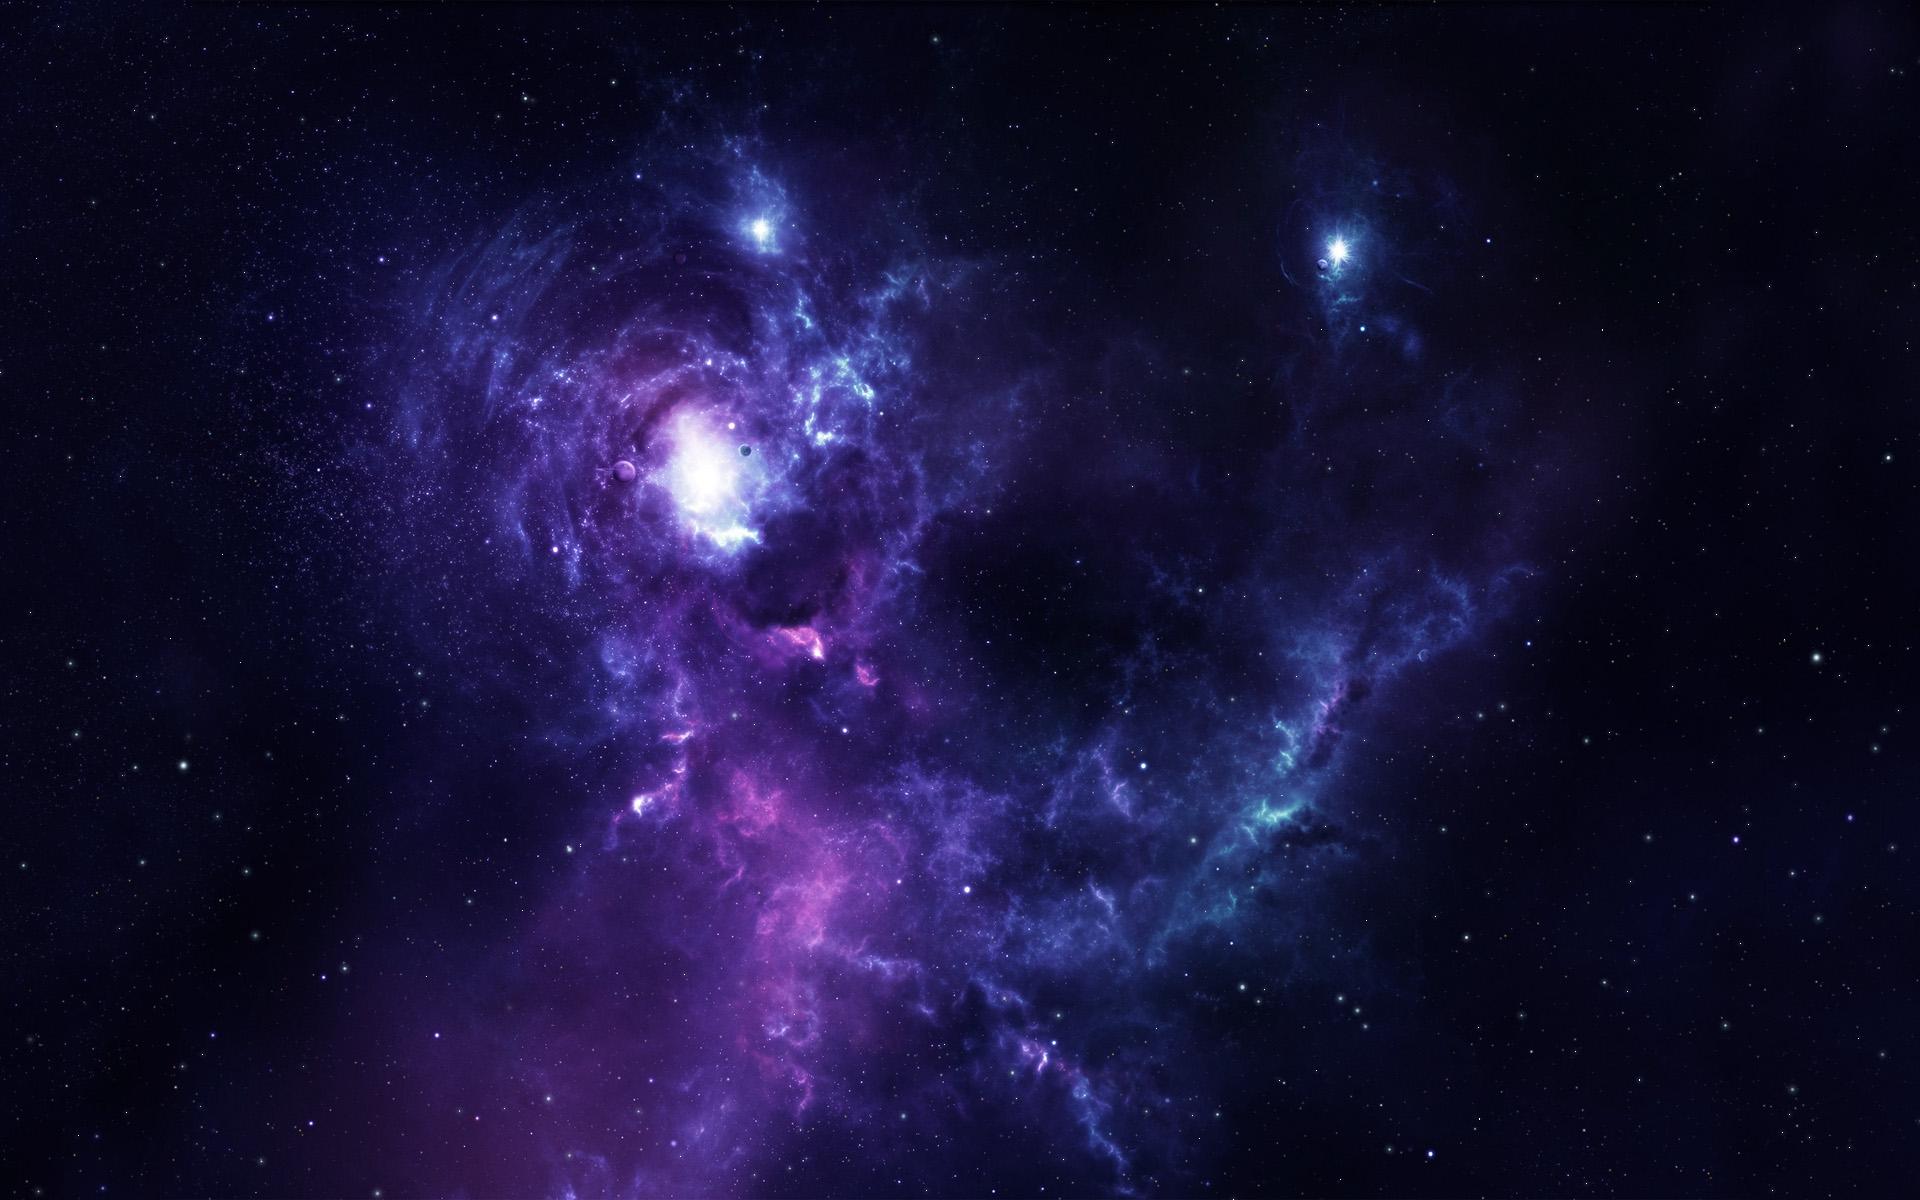 Nebula wallpaper   629917 1920x1200